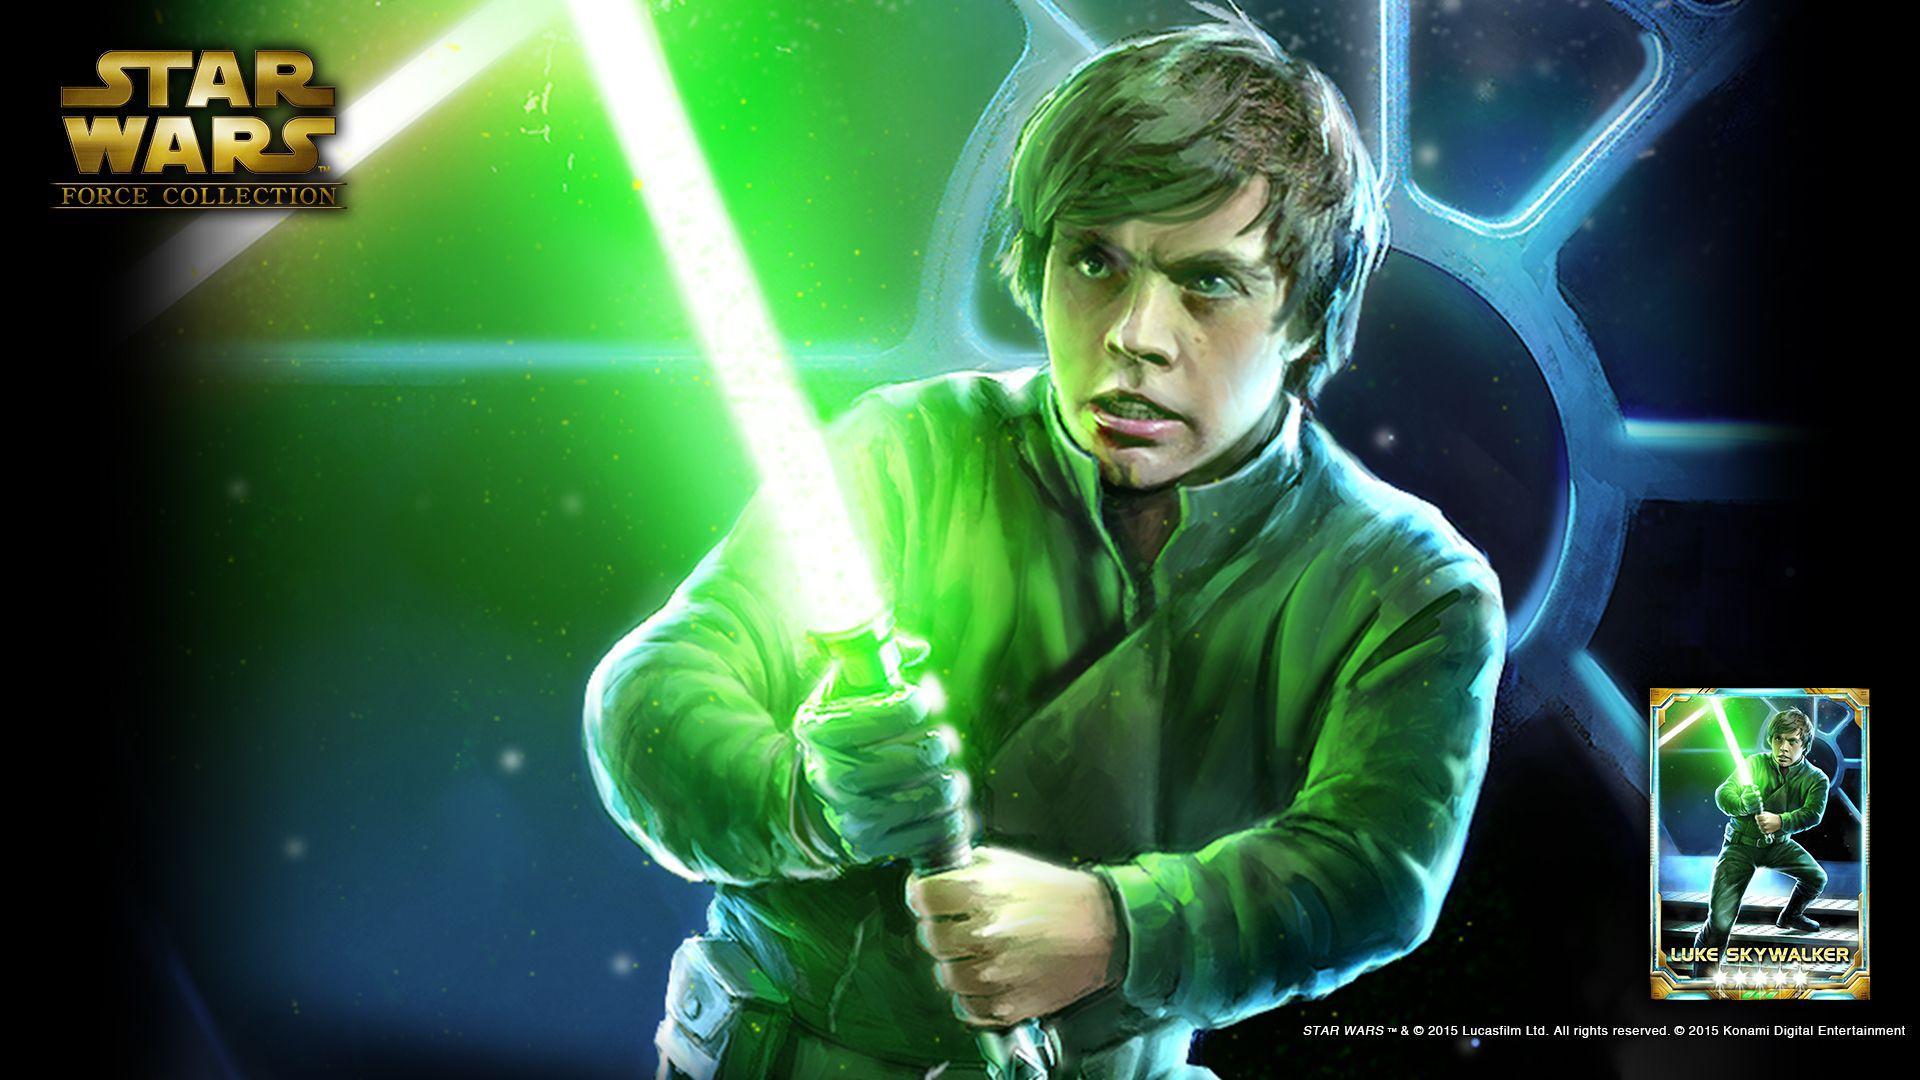 Luke Skywalker Wallpapers Top Free Luke Skywalker Backgrounds